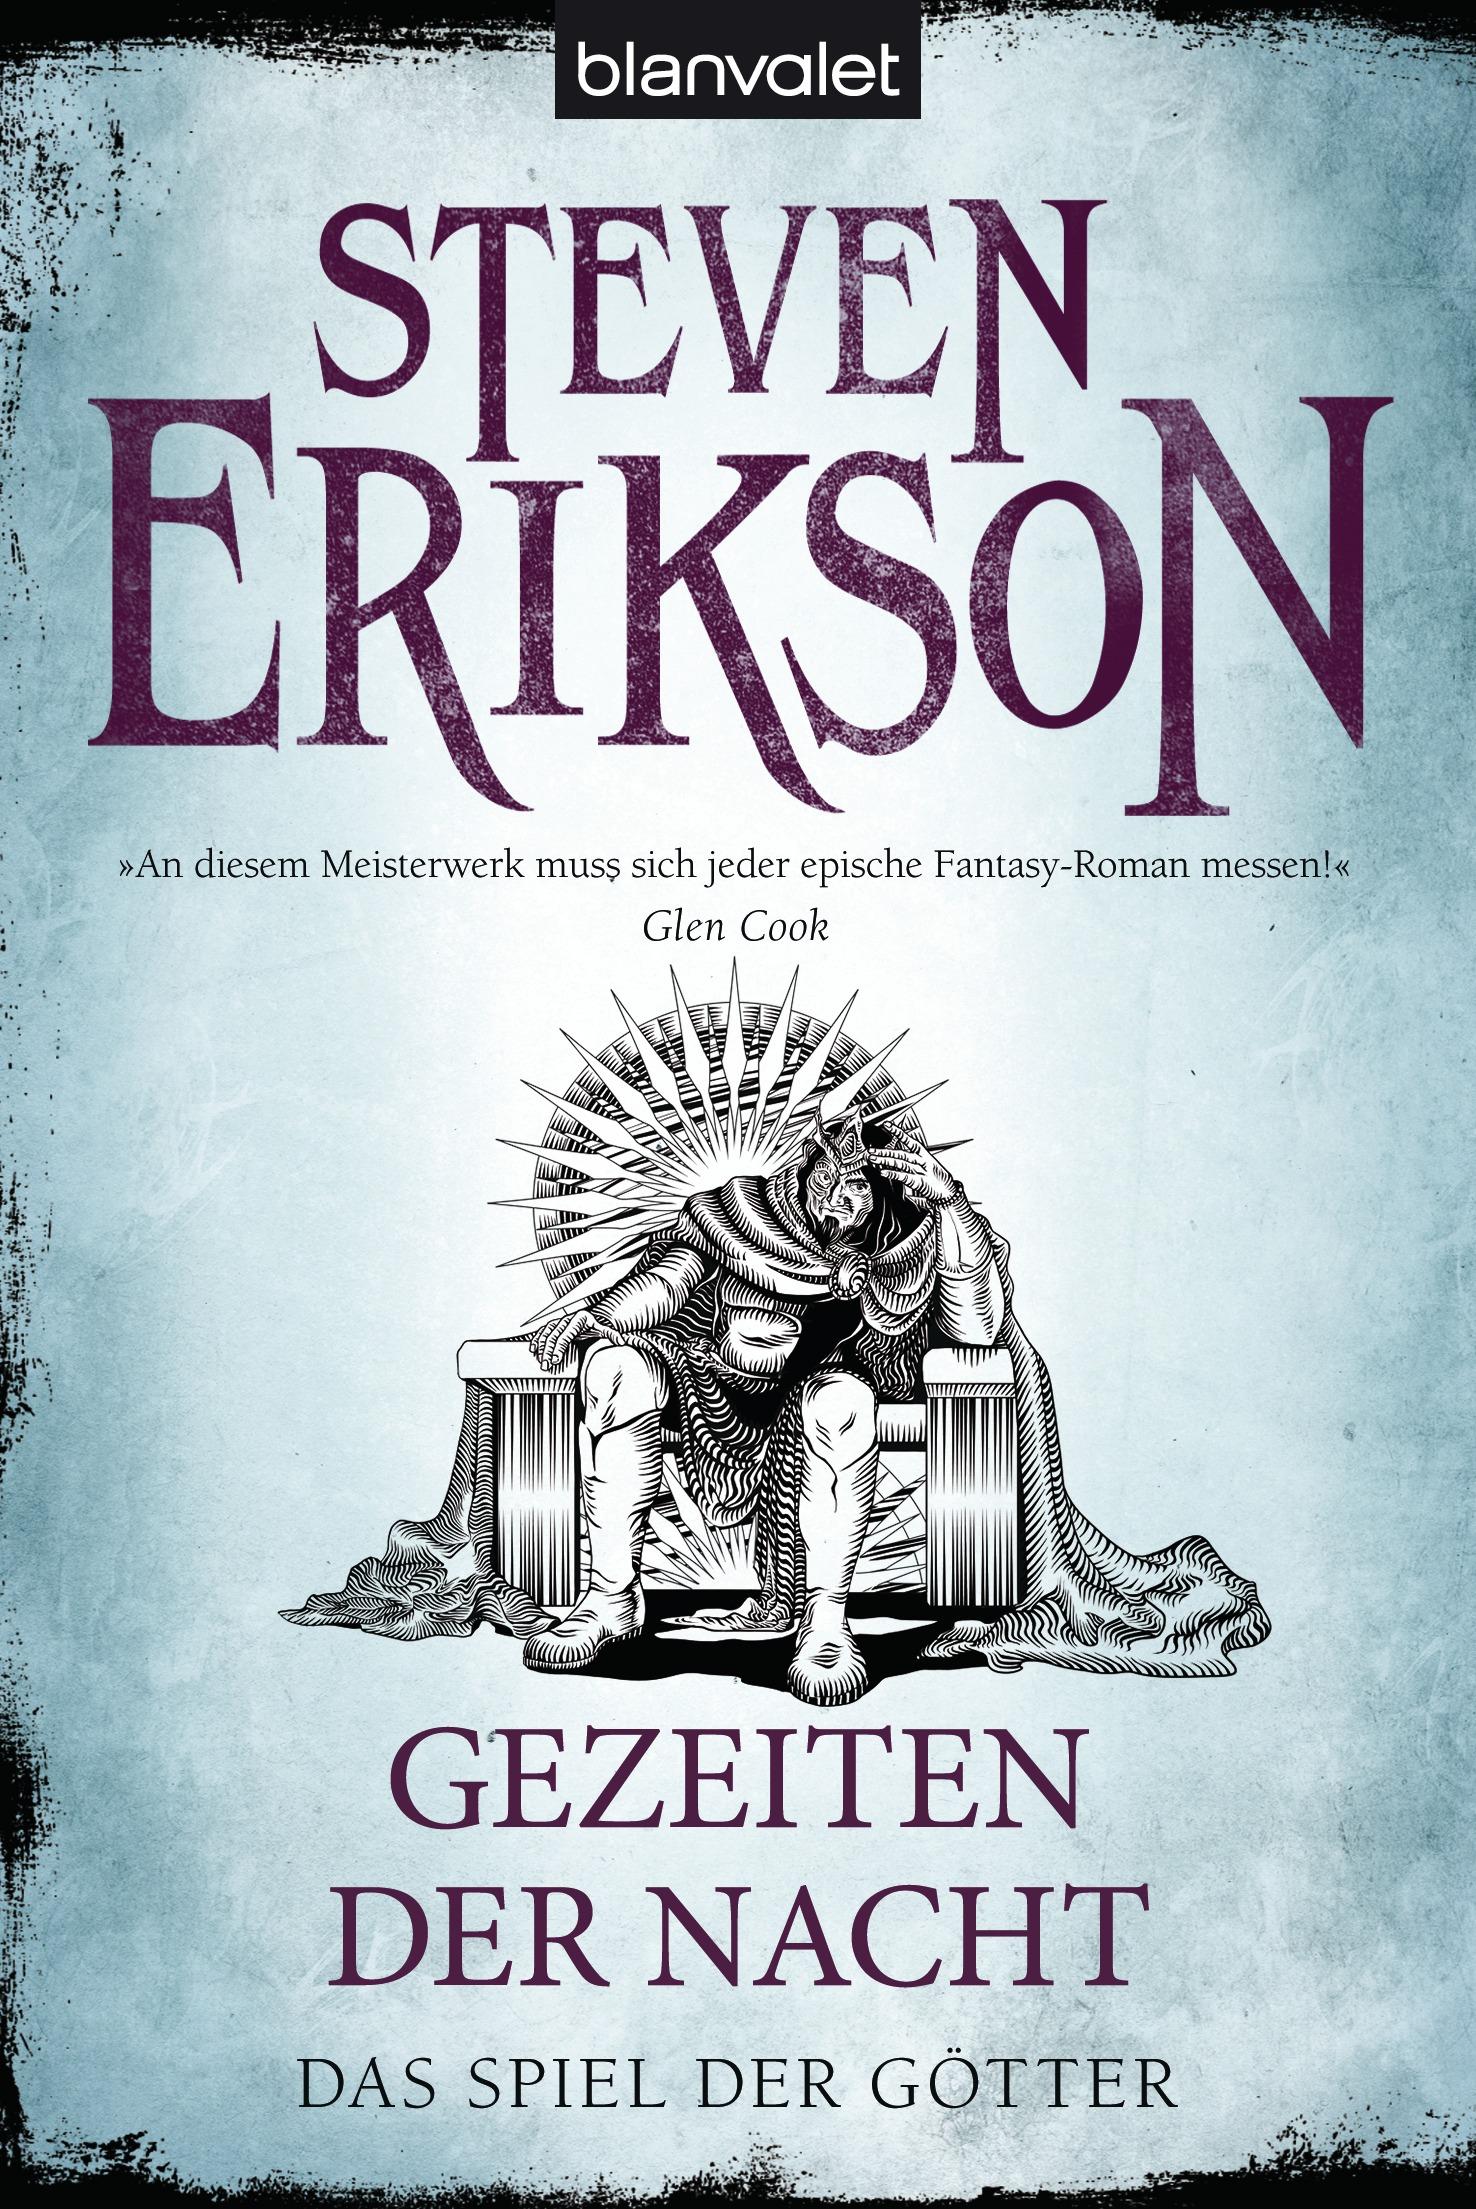 Das Spiel der Götter (9) Steven Erikson Das Spiel der Götter Blanvalet Taschen..